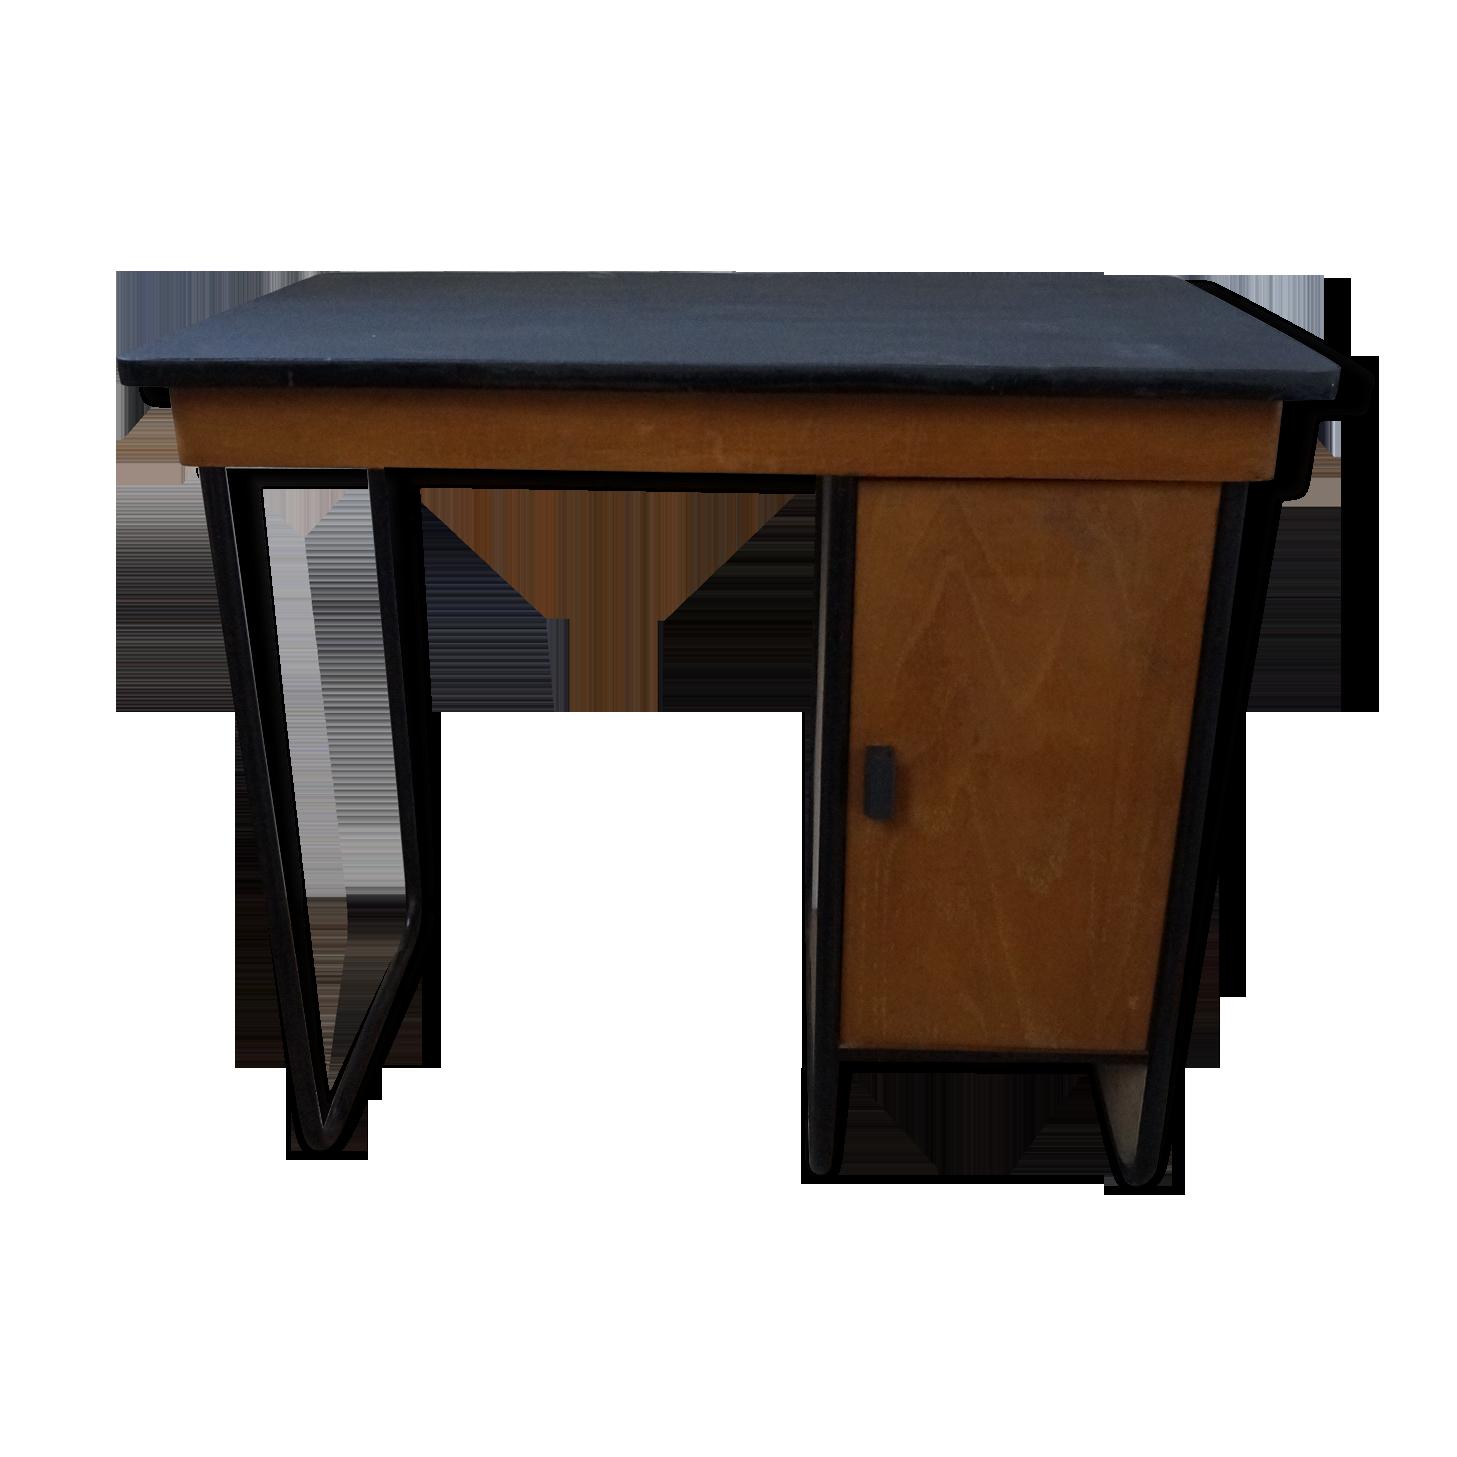 Bureau metal et bois bois matériau bois couleur